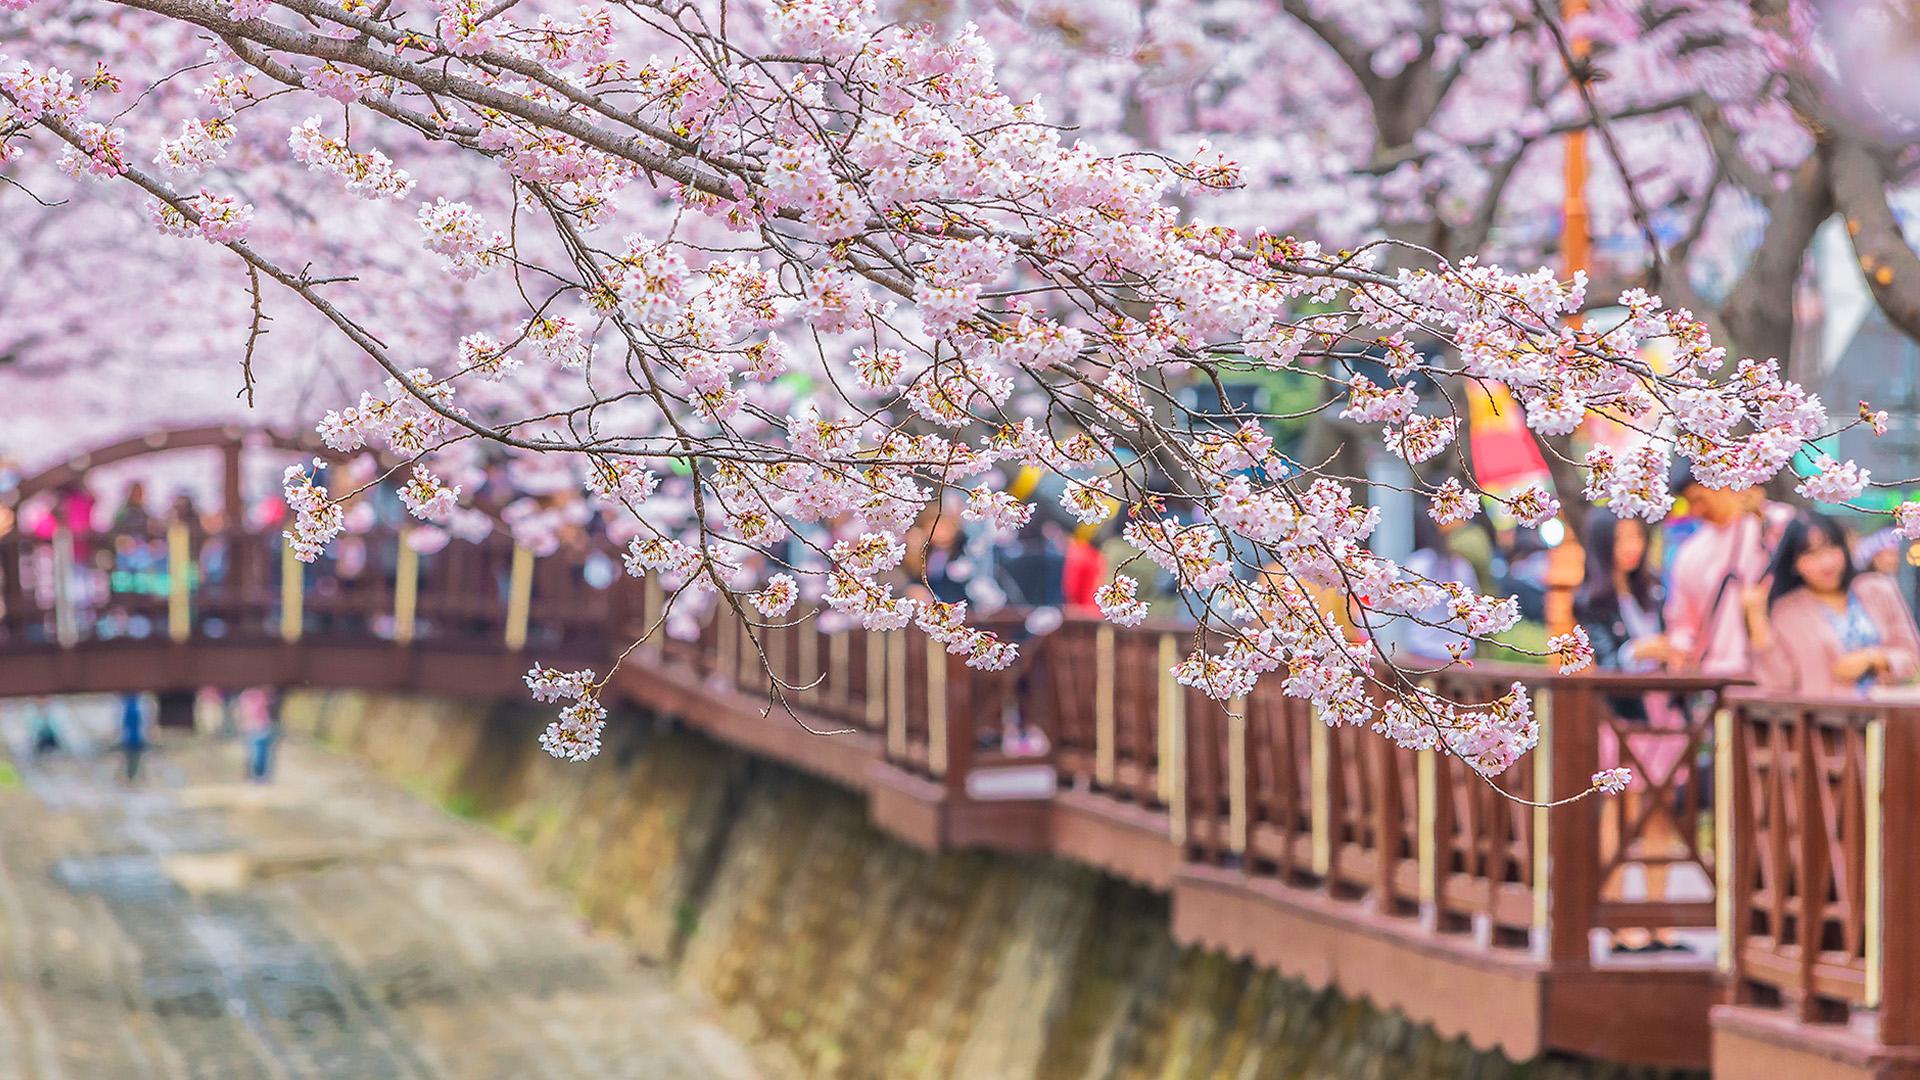 【2020櫻花季】韓國賞櫻首爾出發|鎮海軍港節櫻花季慶典一日遊